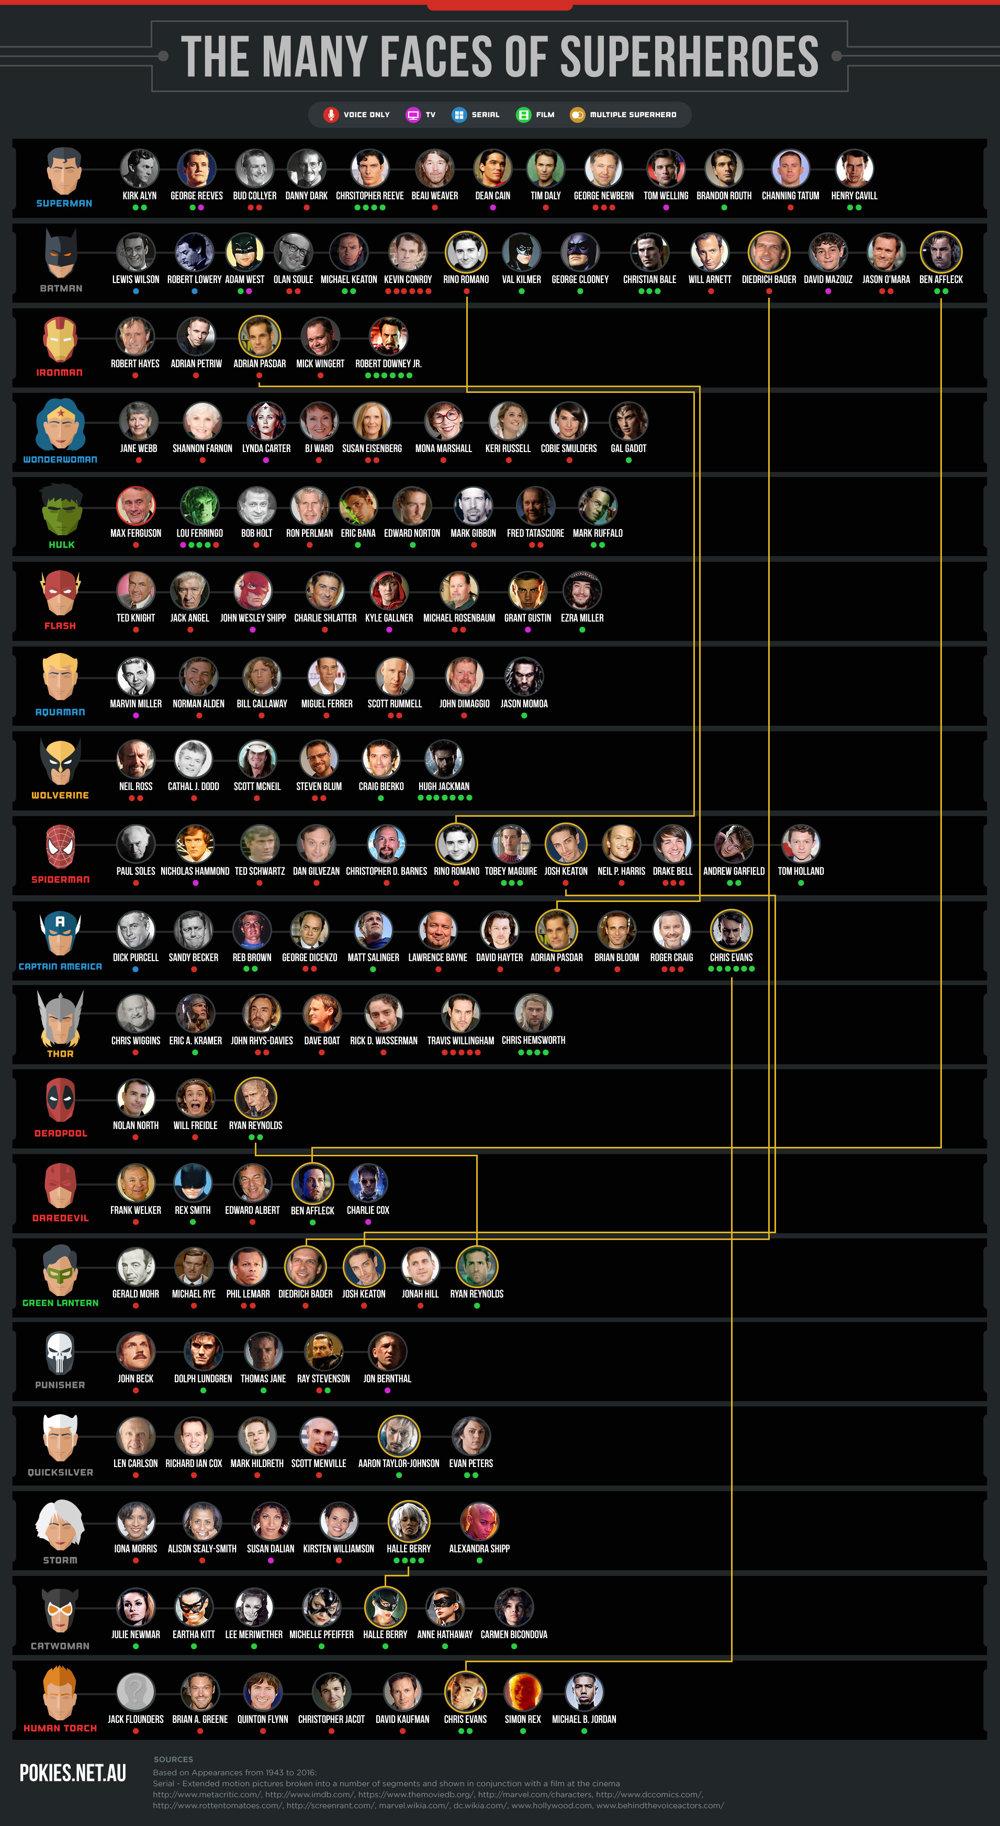 Pozrite si rôzne tváre a hlasy superhrdinov.